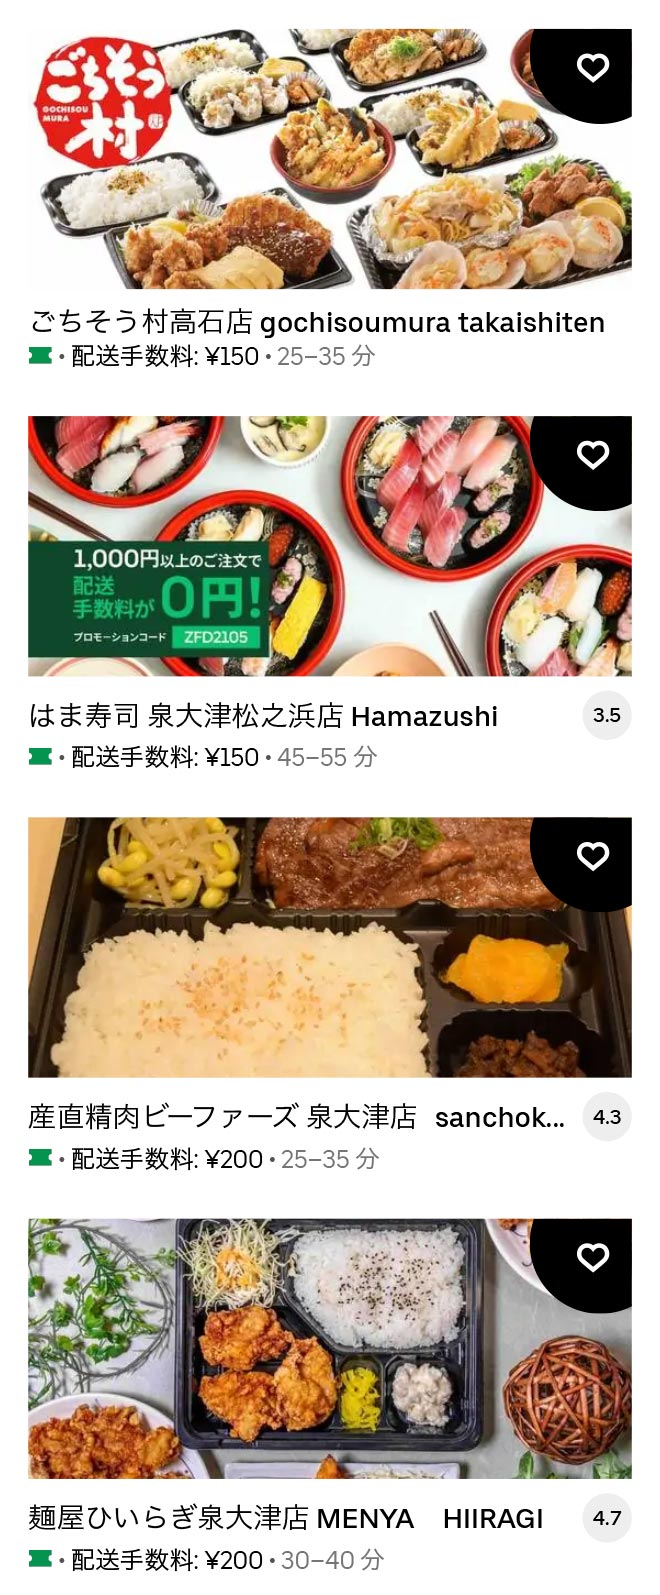 U kitashinoda 2105 08